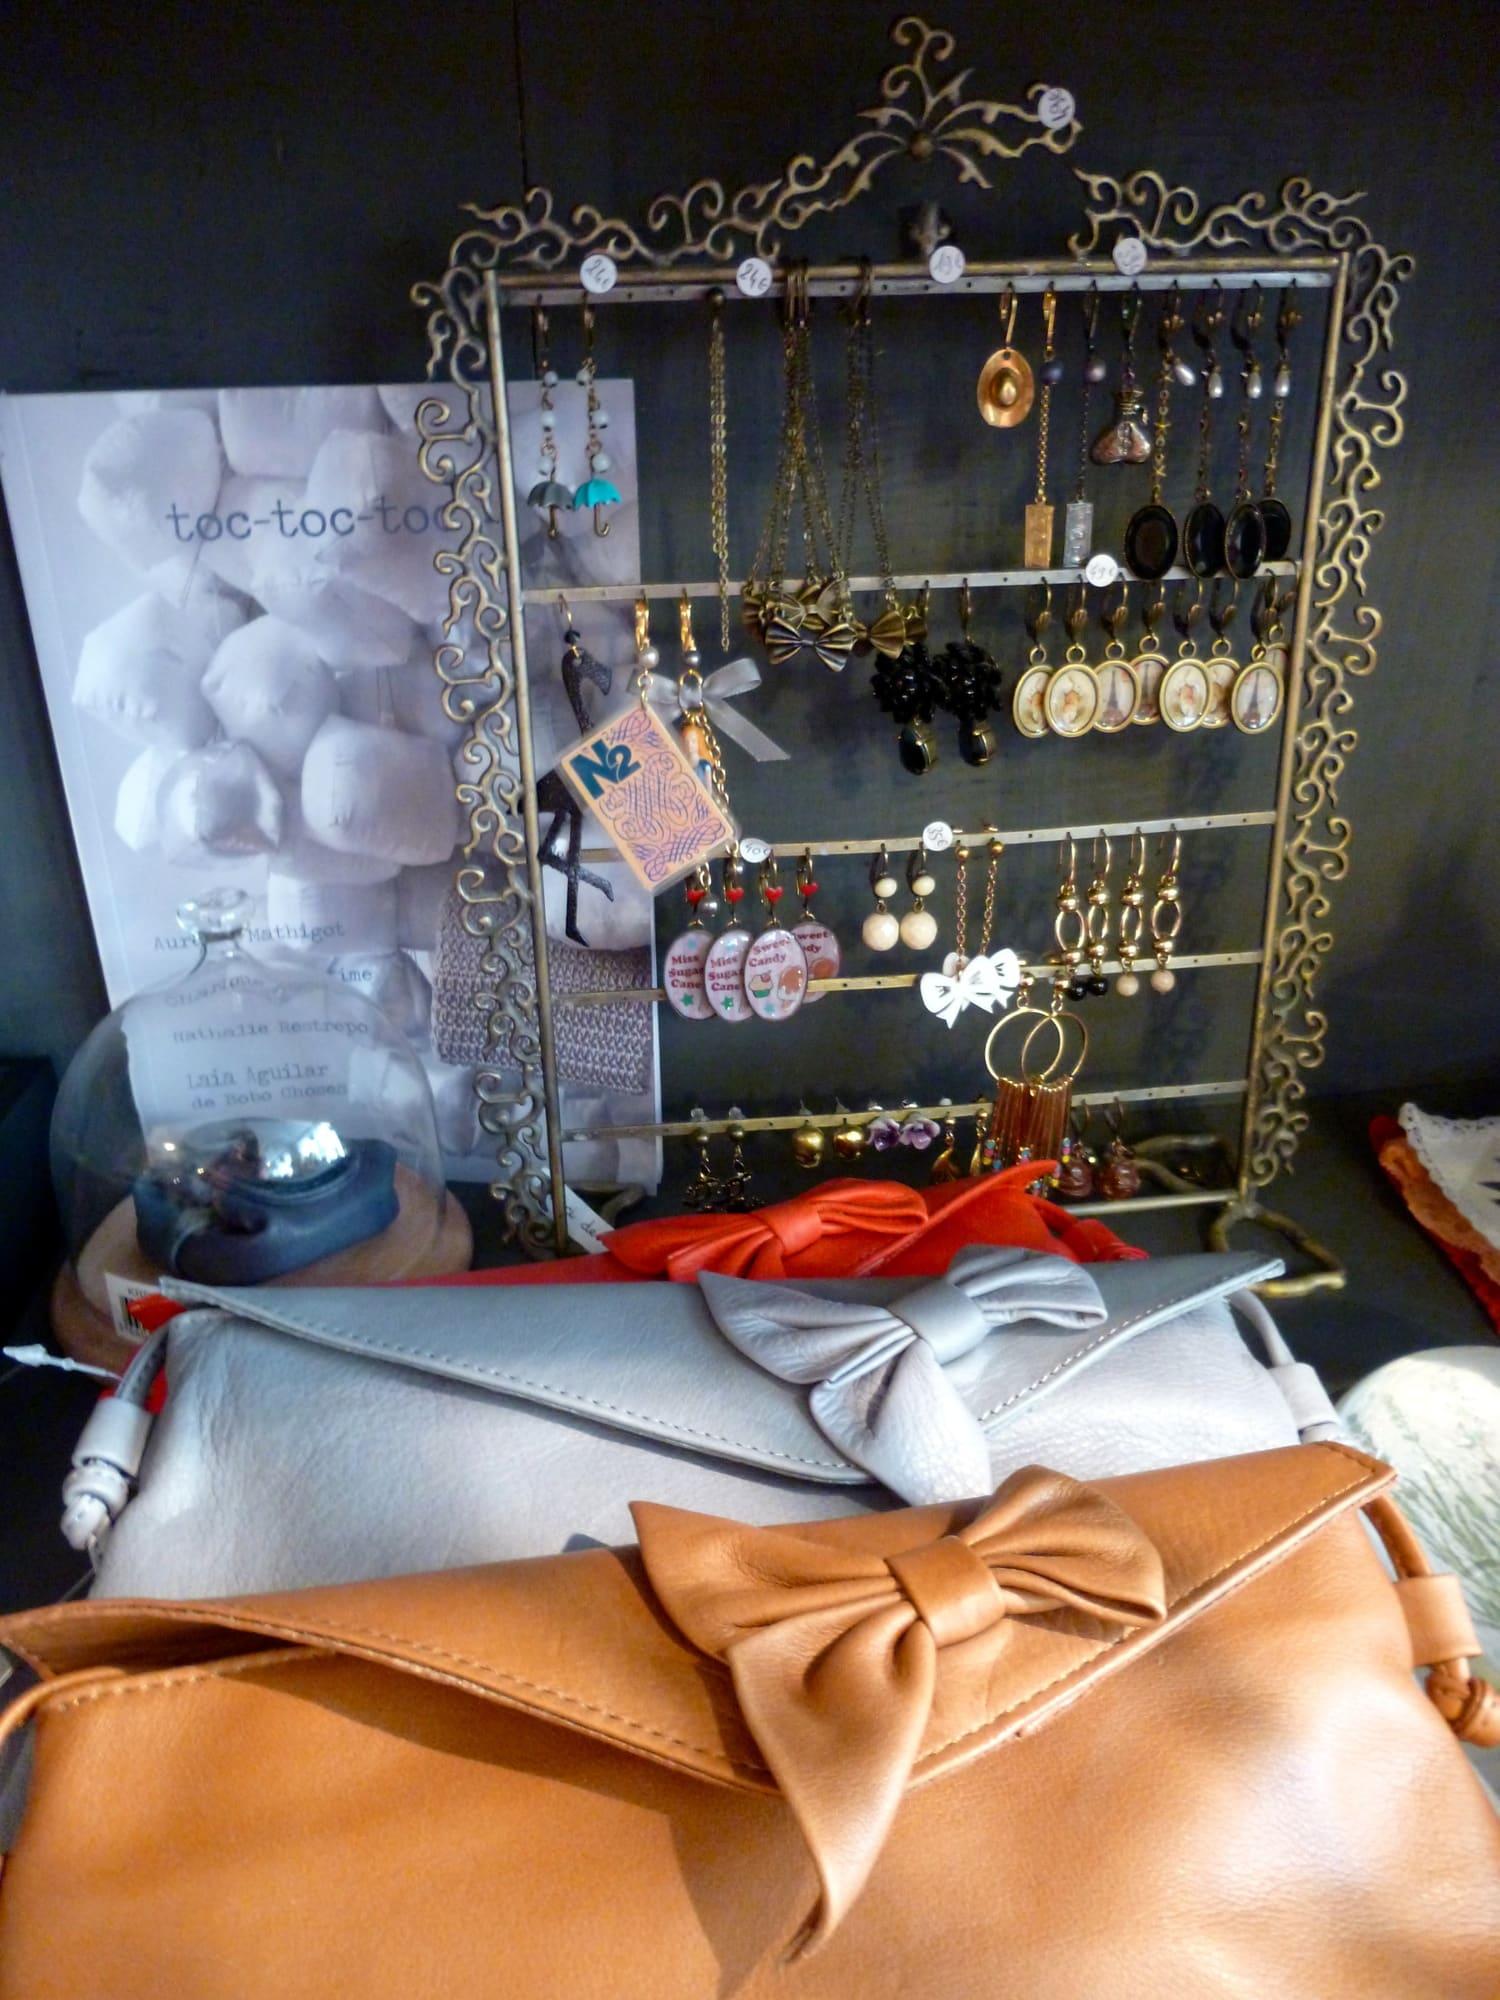 les fleurs paris un concept store fa on malle aux tr sors. Black Bedroom Furniture Sets. Home Design Ideas